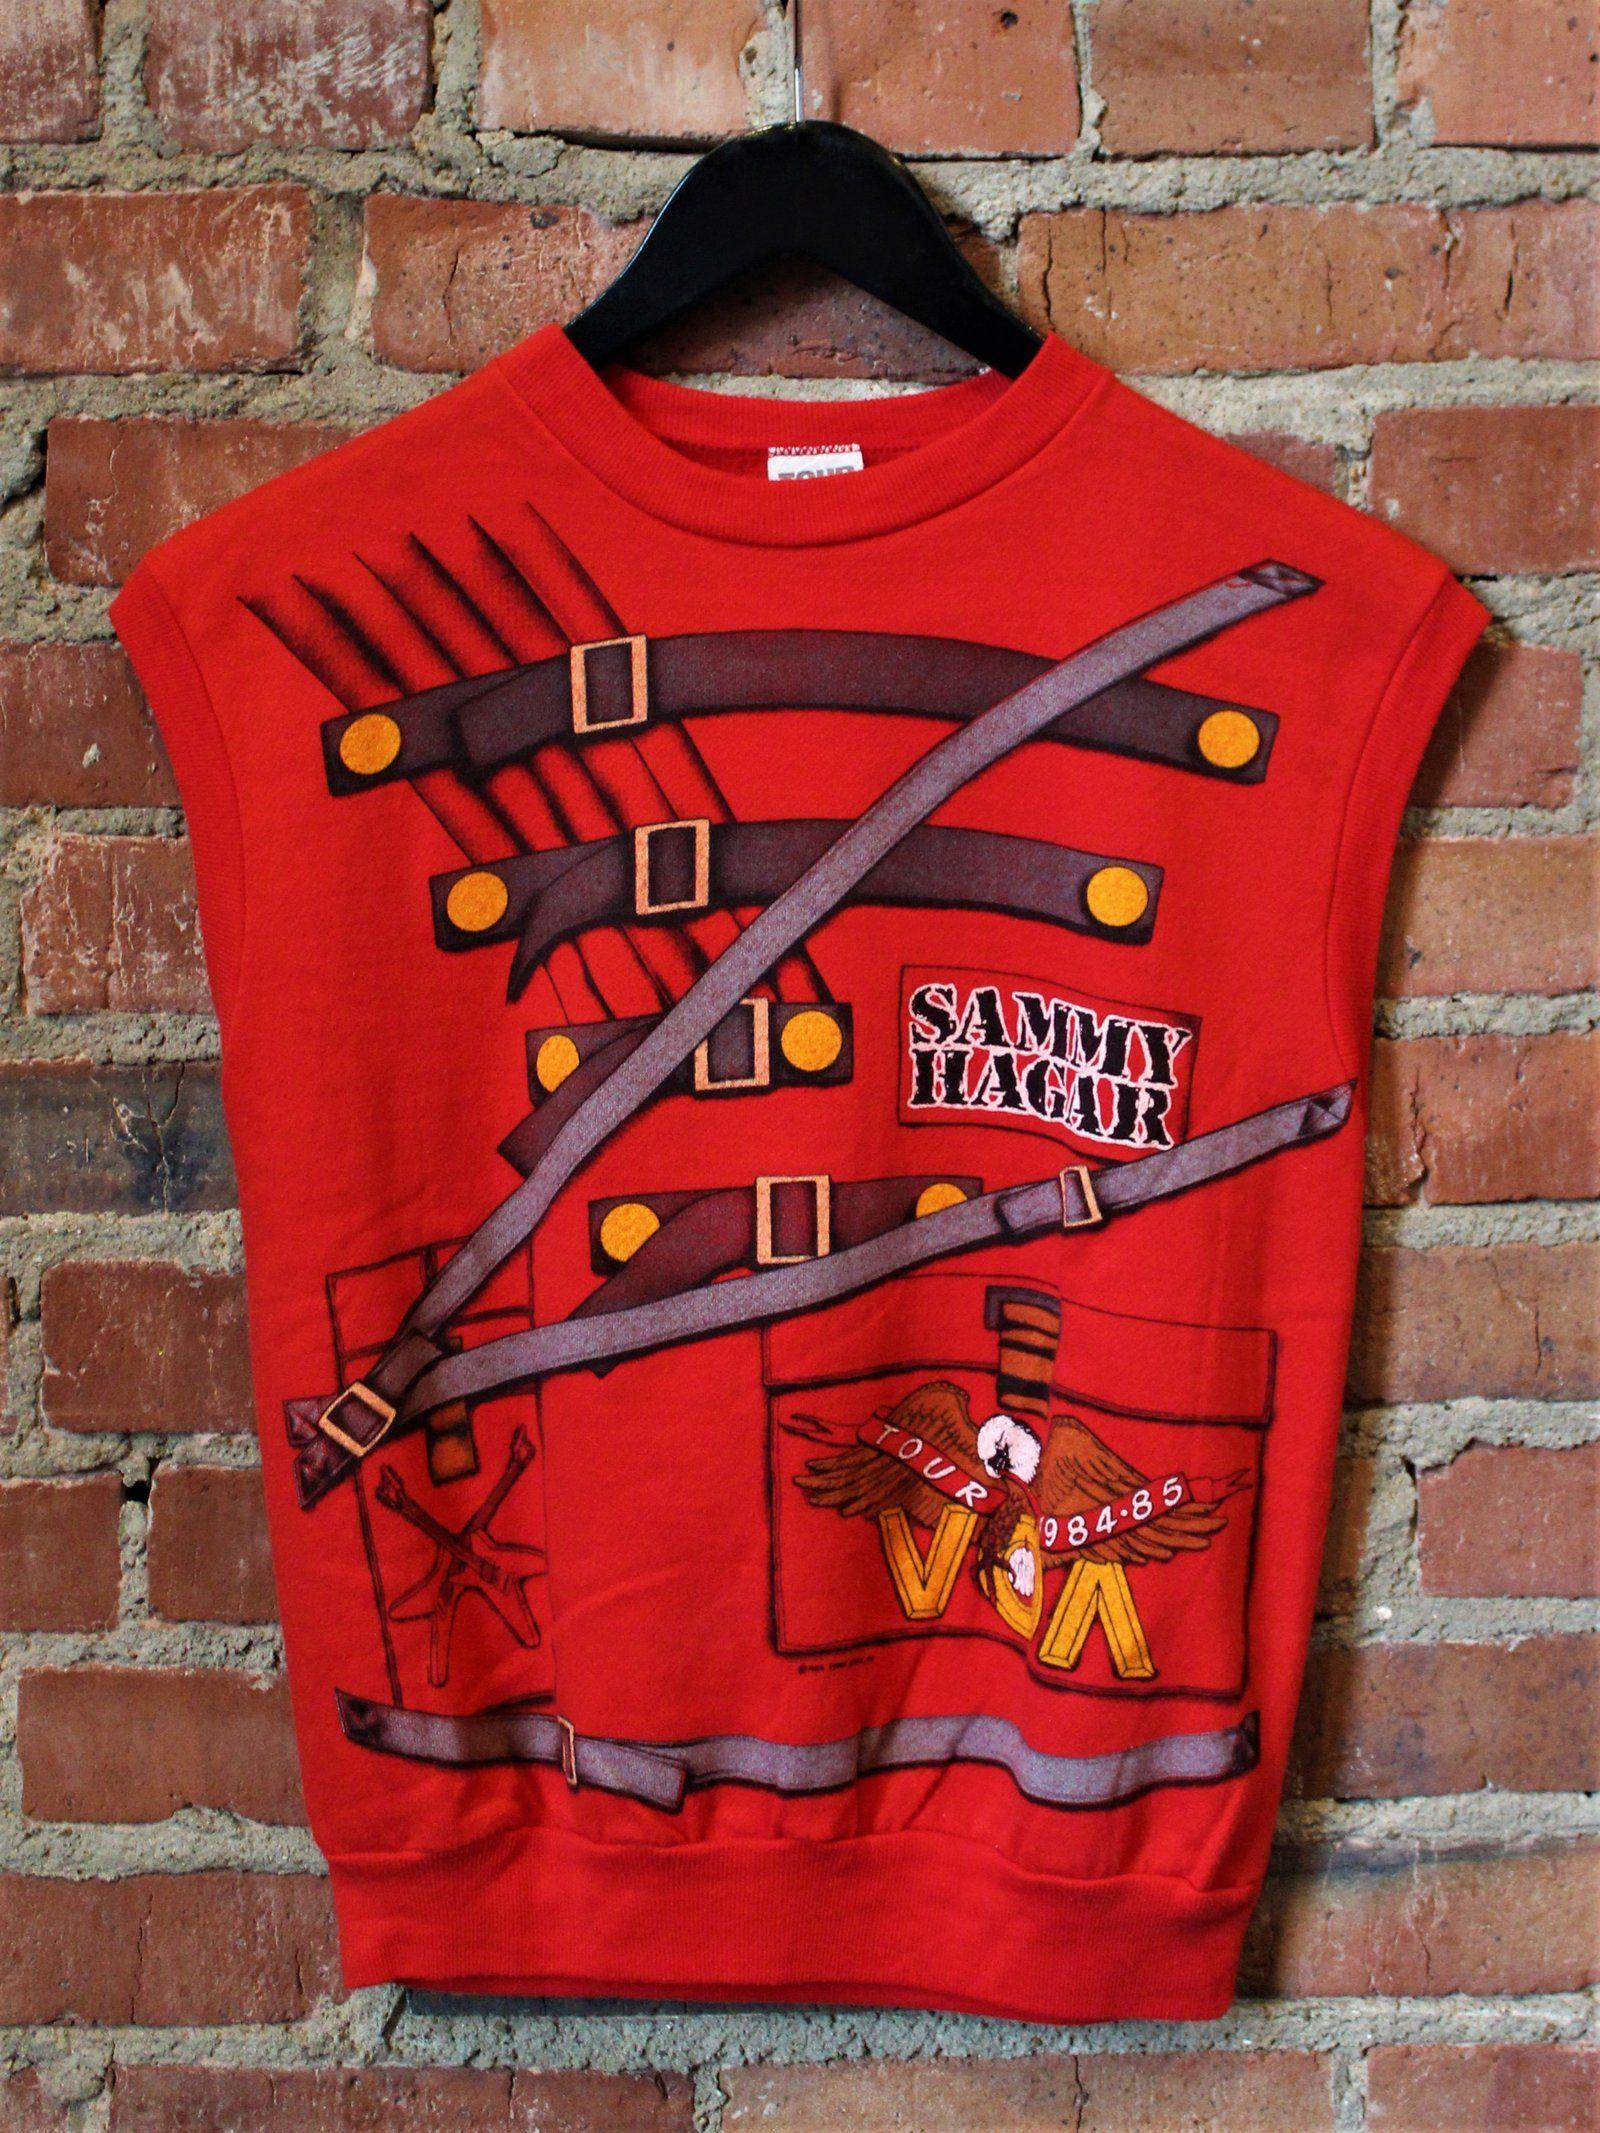 Vintage 1984 Sammy Hagar Voa Tour Muscle Sweatshirt Concert T Shirt Concert Tshirts Sweatshirts Shirts